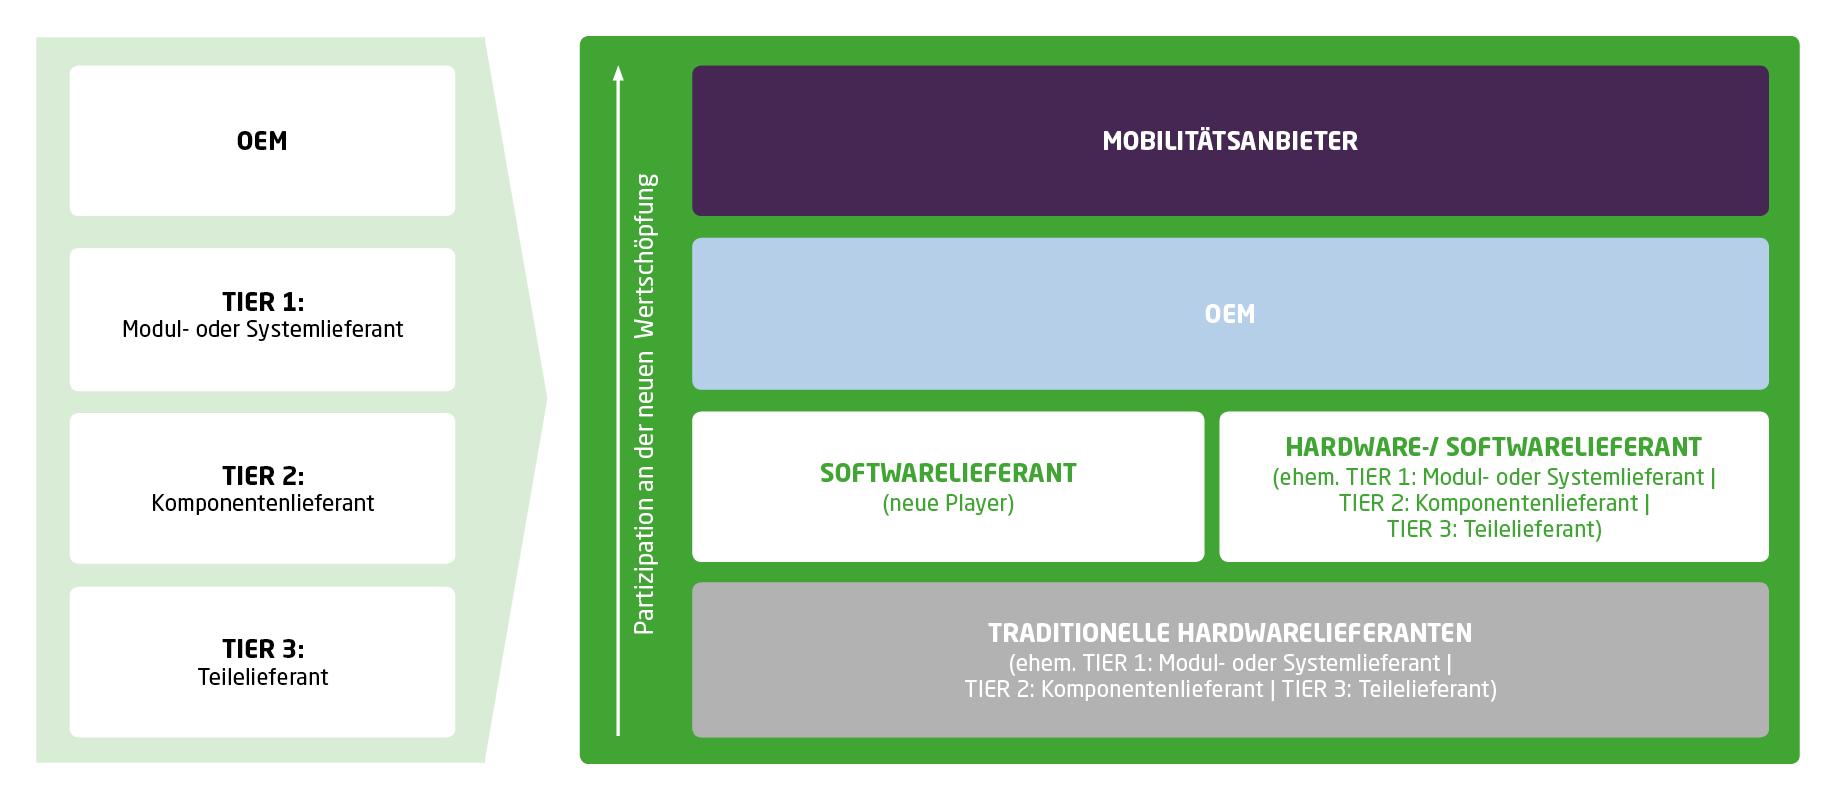 Die Zuliefererpyramide wird sich von hierarchischen Modellen abwenden, wodurch sich die Wertschöpfungsstufe der Zulieferer verändert.